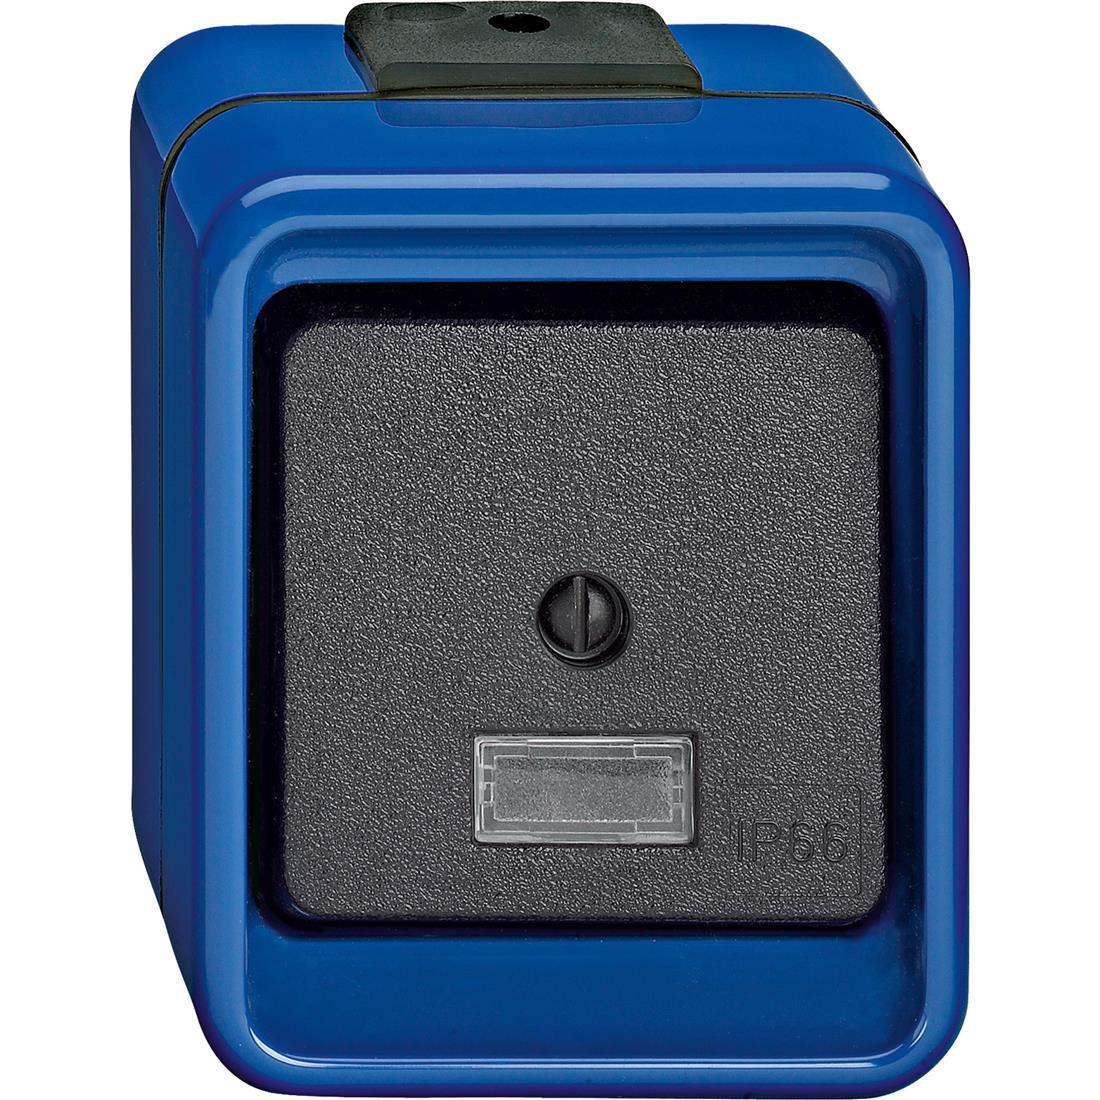 Schneider-Merten Slagvast kruisschakelaar met lamp - blauw (370775)